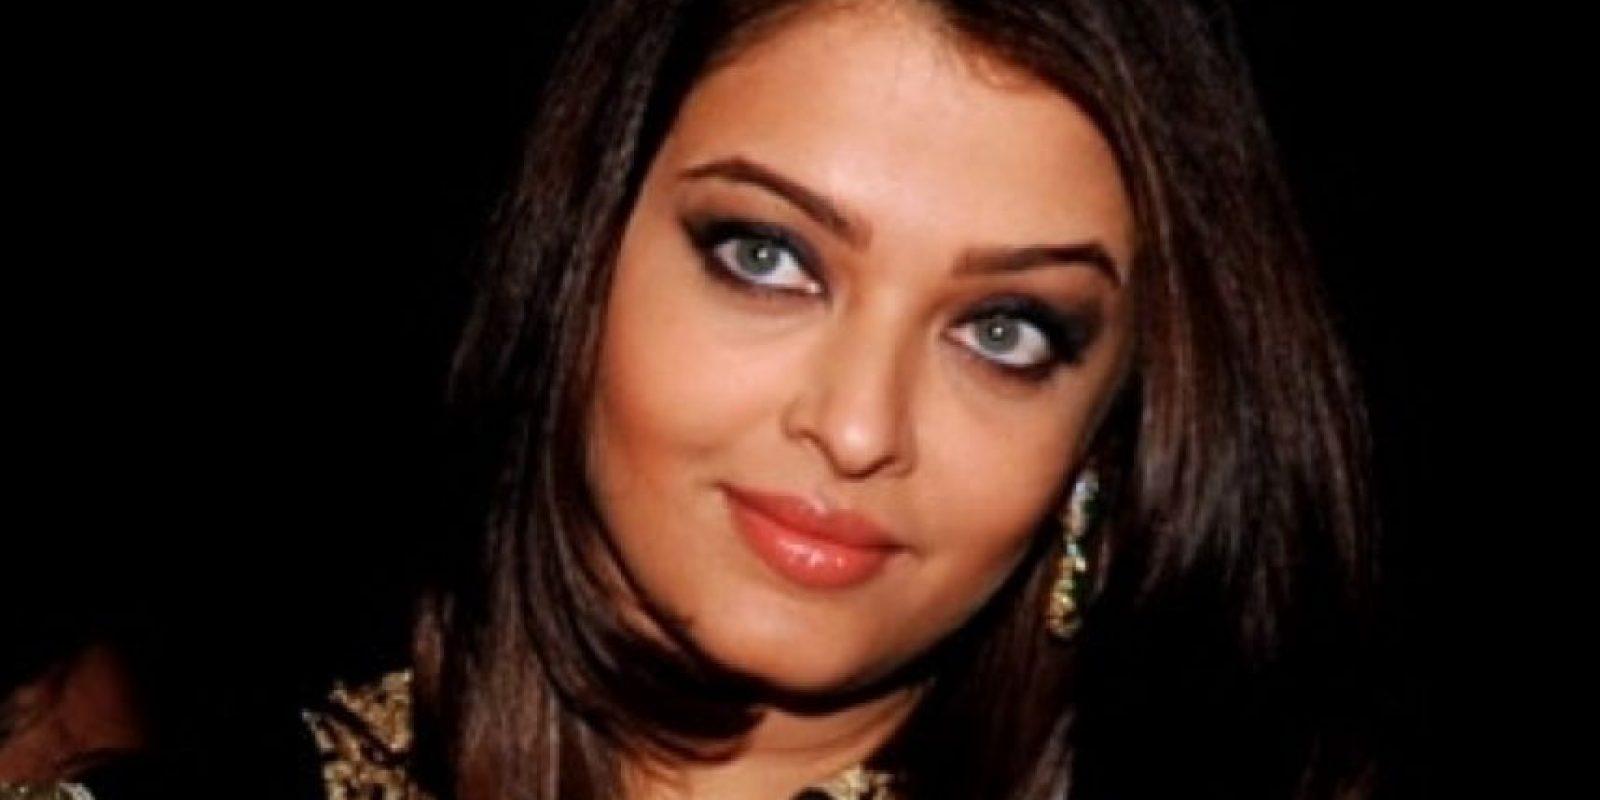 Se casó con Abischek Bachchan, actor e hijo del legendario actor de Bollywood Amitabh Bachcchan. Foto:vía Getty Images